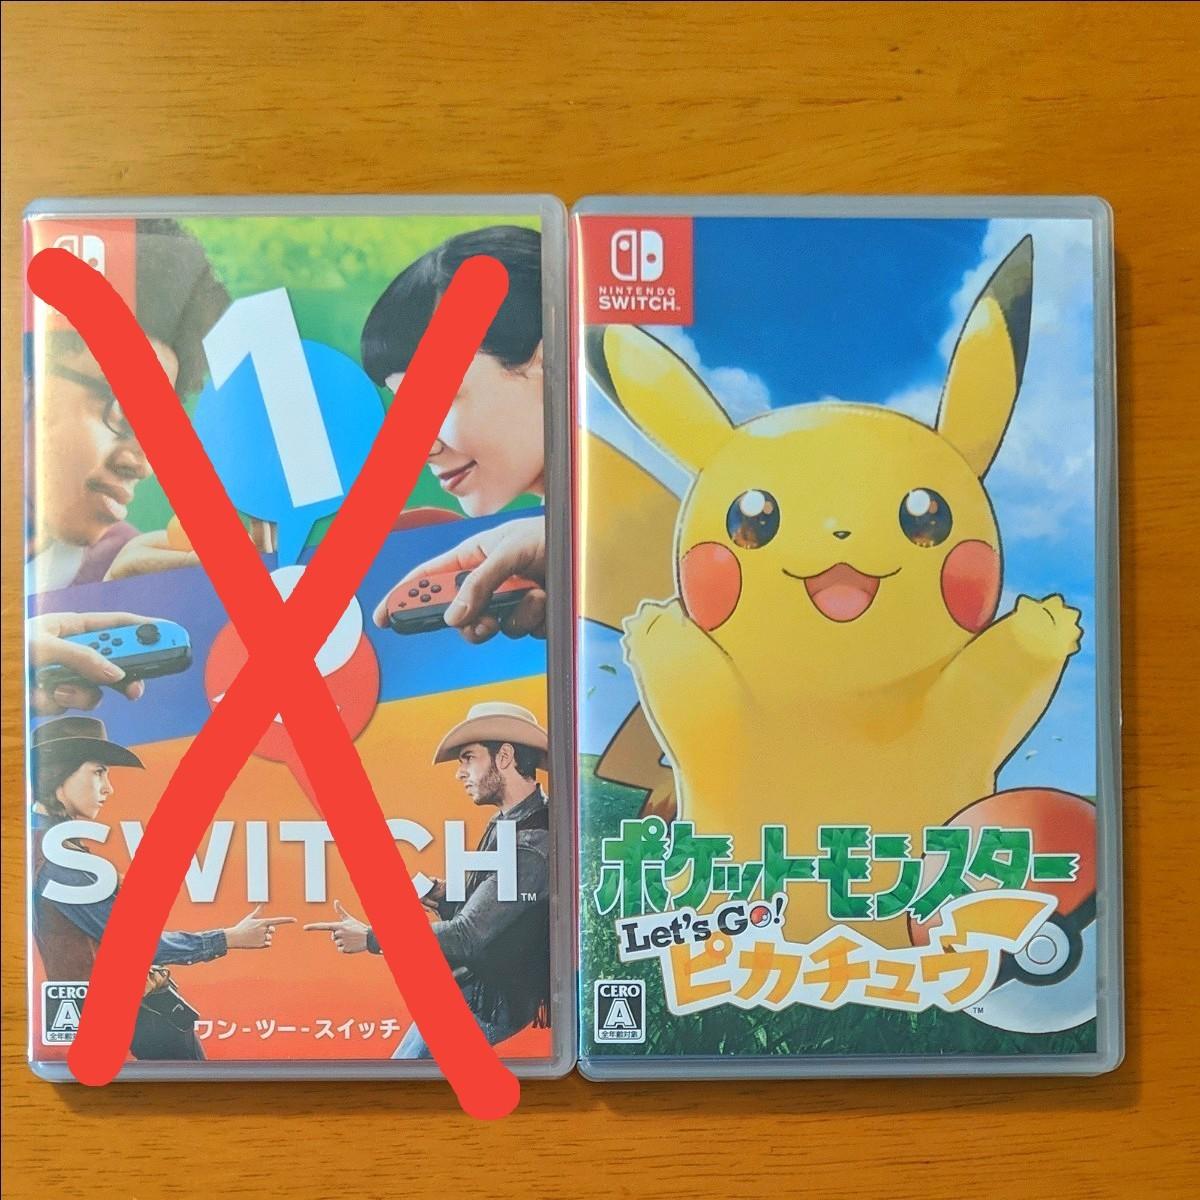 ニンテンドー ポケットモンスター Let'sGO! ピカチュウ ソフト  Switch  ポケモン